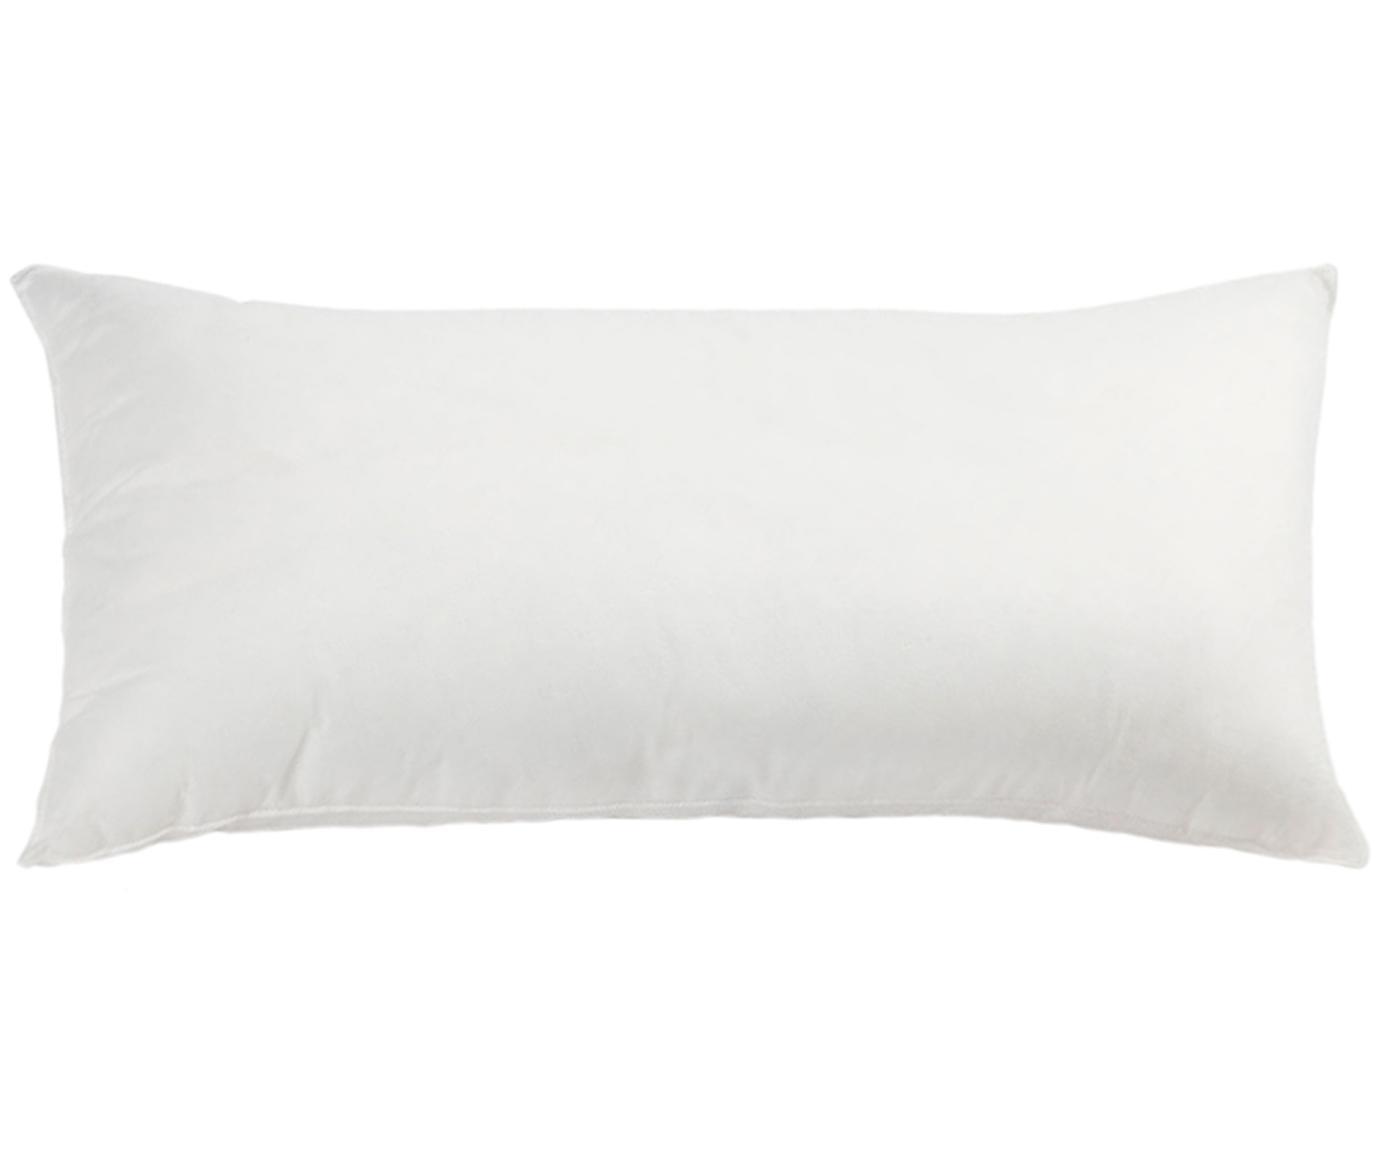 Wypełnienie poduszki z mikrofibry 30 x 60 Egret, Tapicerka: włókna syntetyczne, Biały, S 30 x D 60 cm